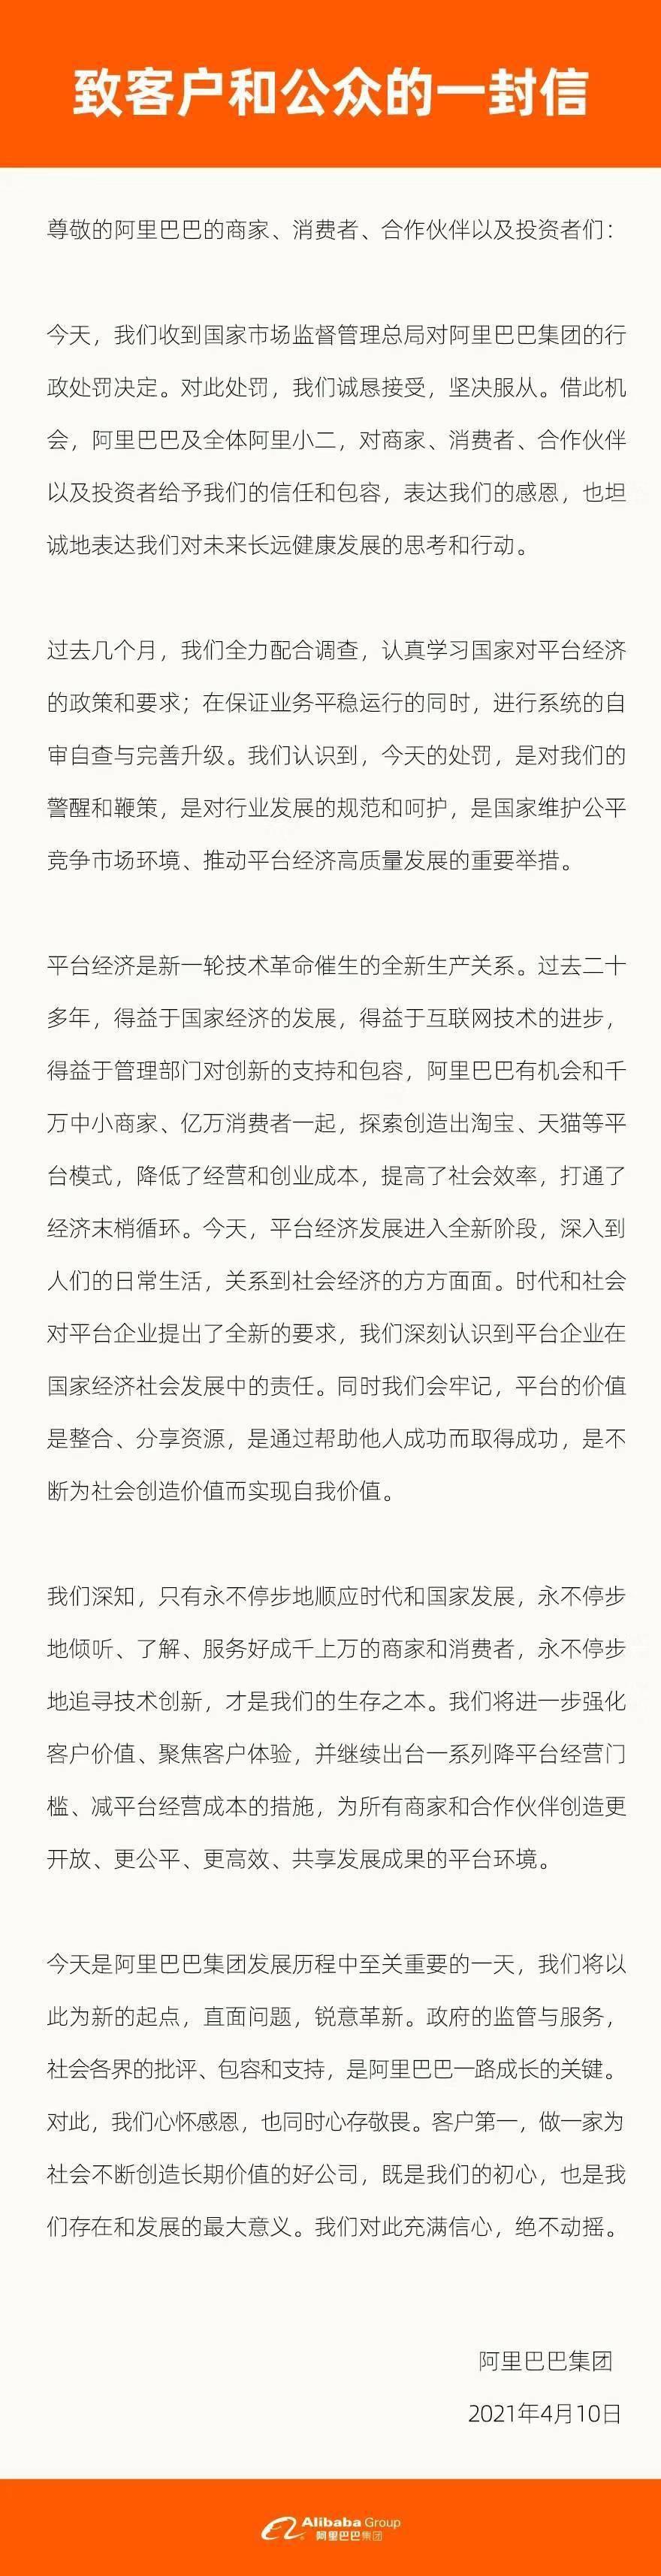 阿里公开信:今天的处罚是对我们的警醒和鞭策